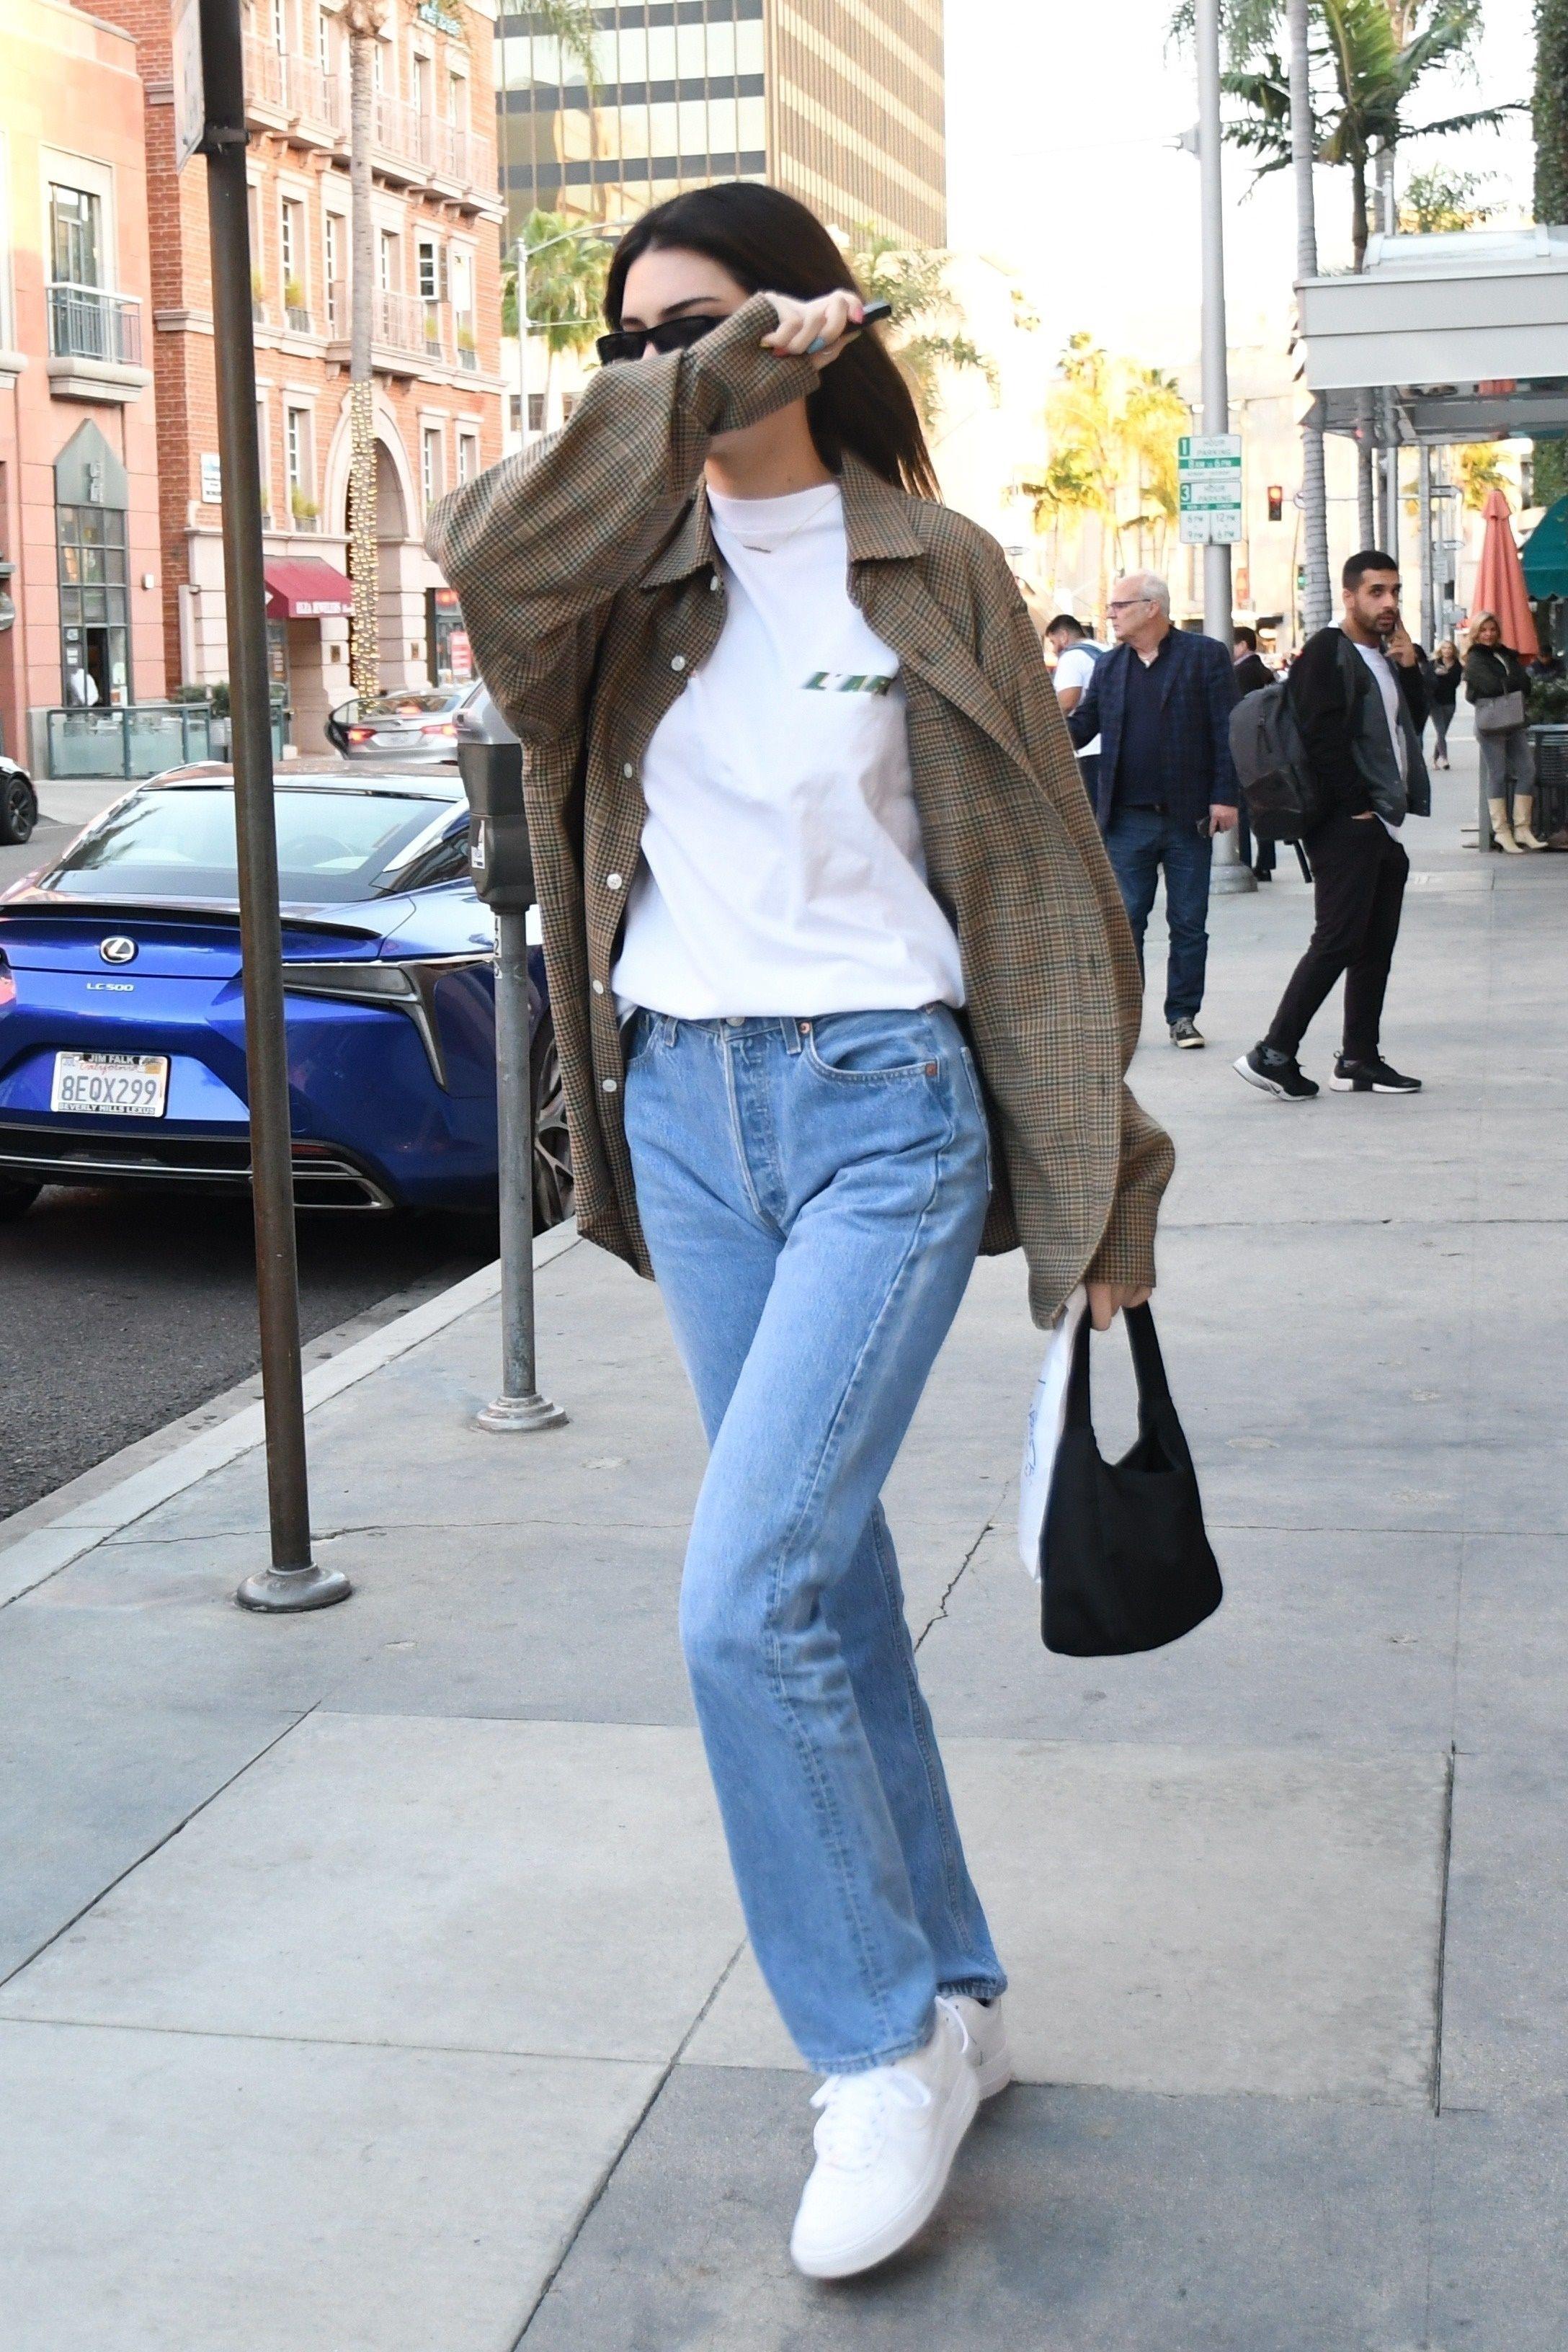 Jan 10, 2020 in 2020 Kendall jenner street style